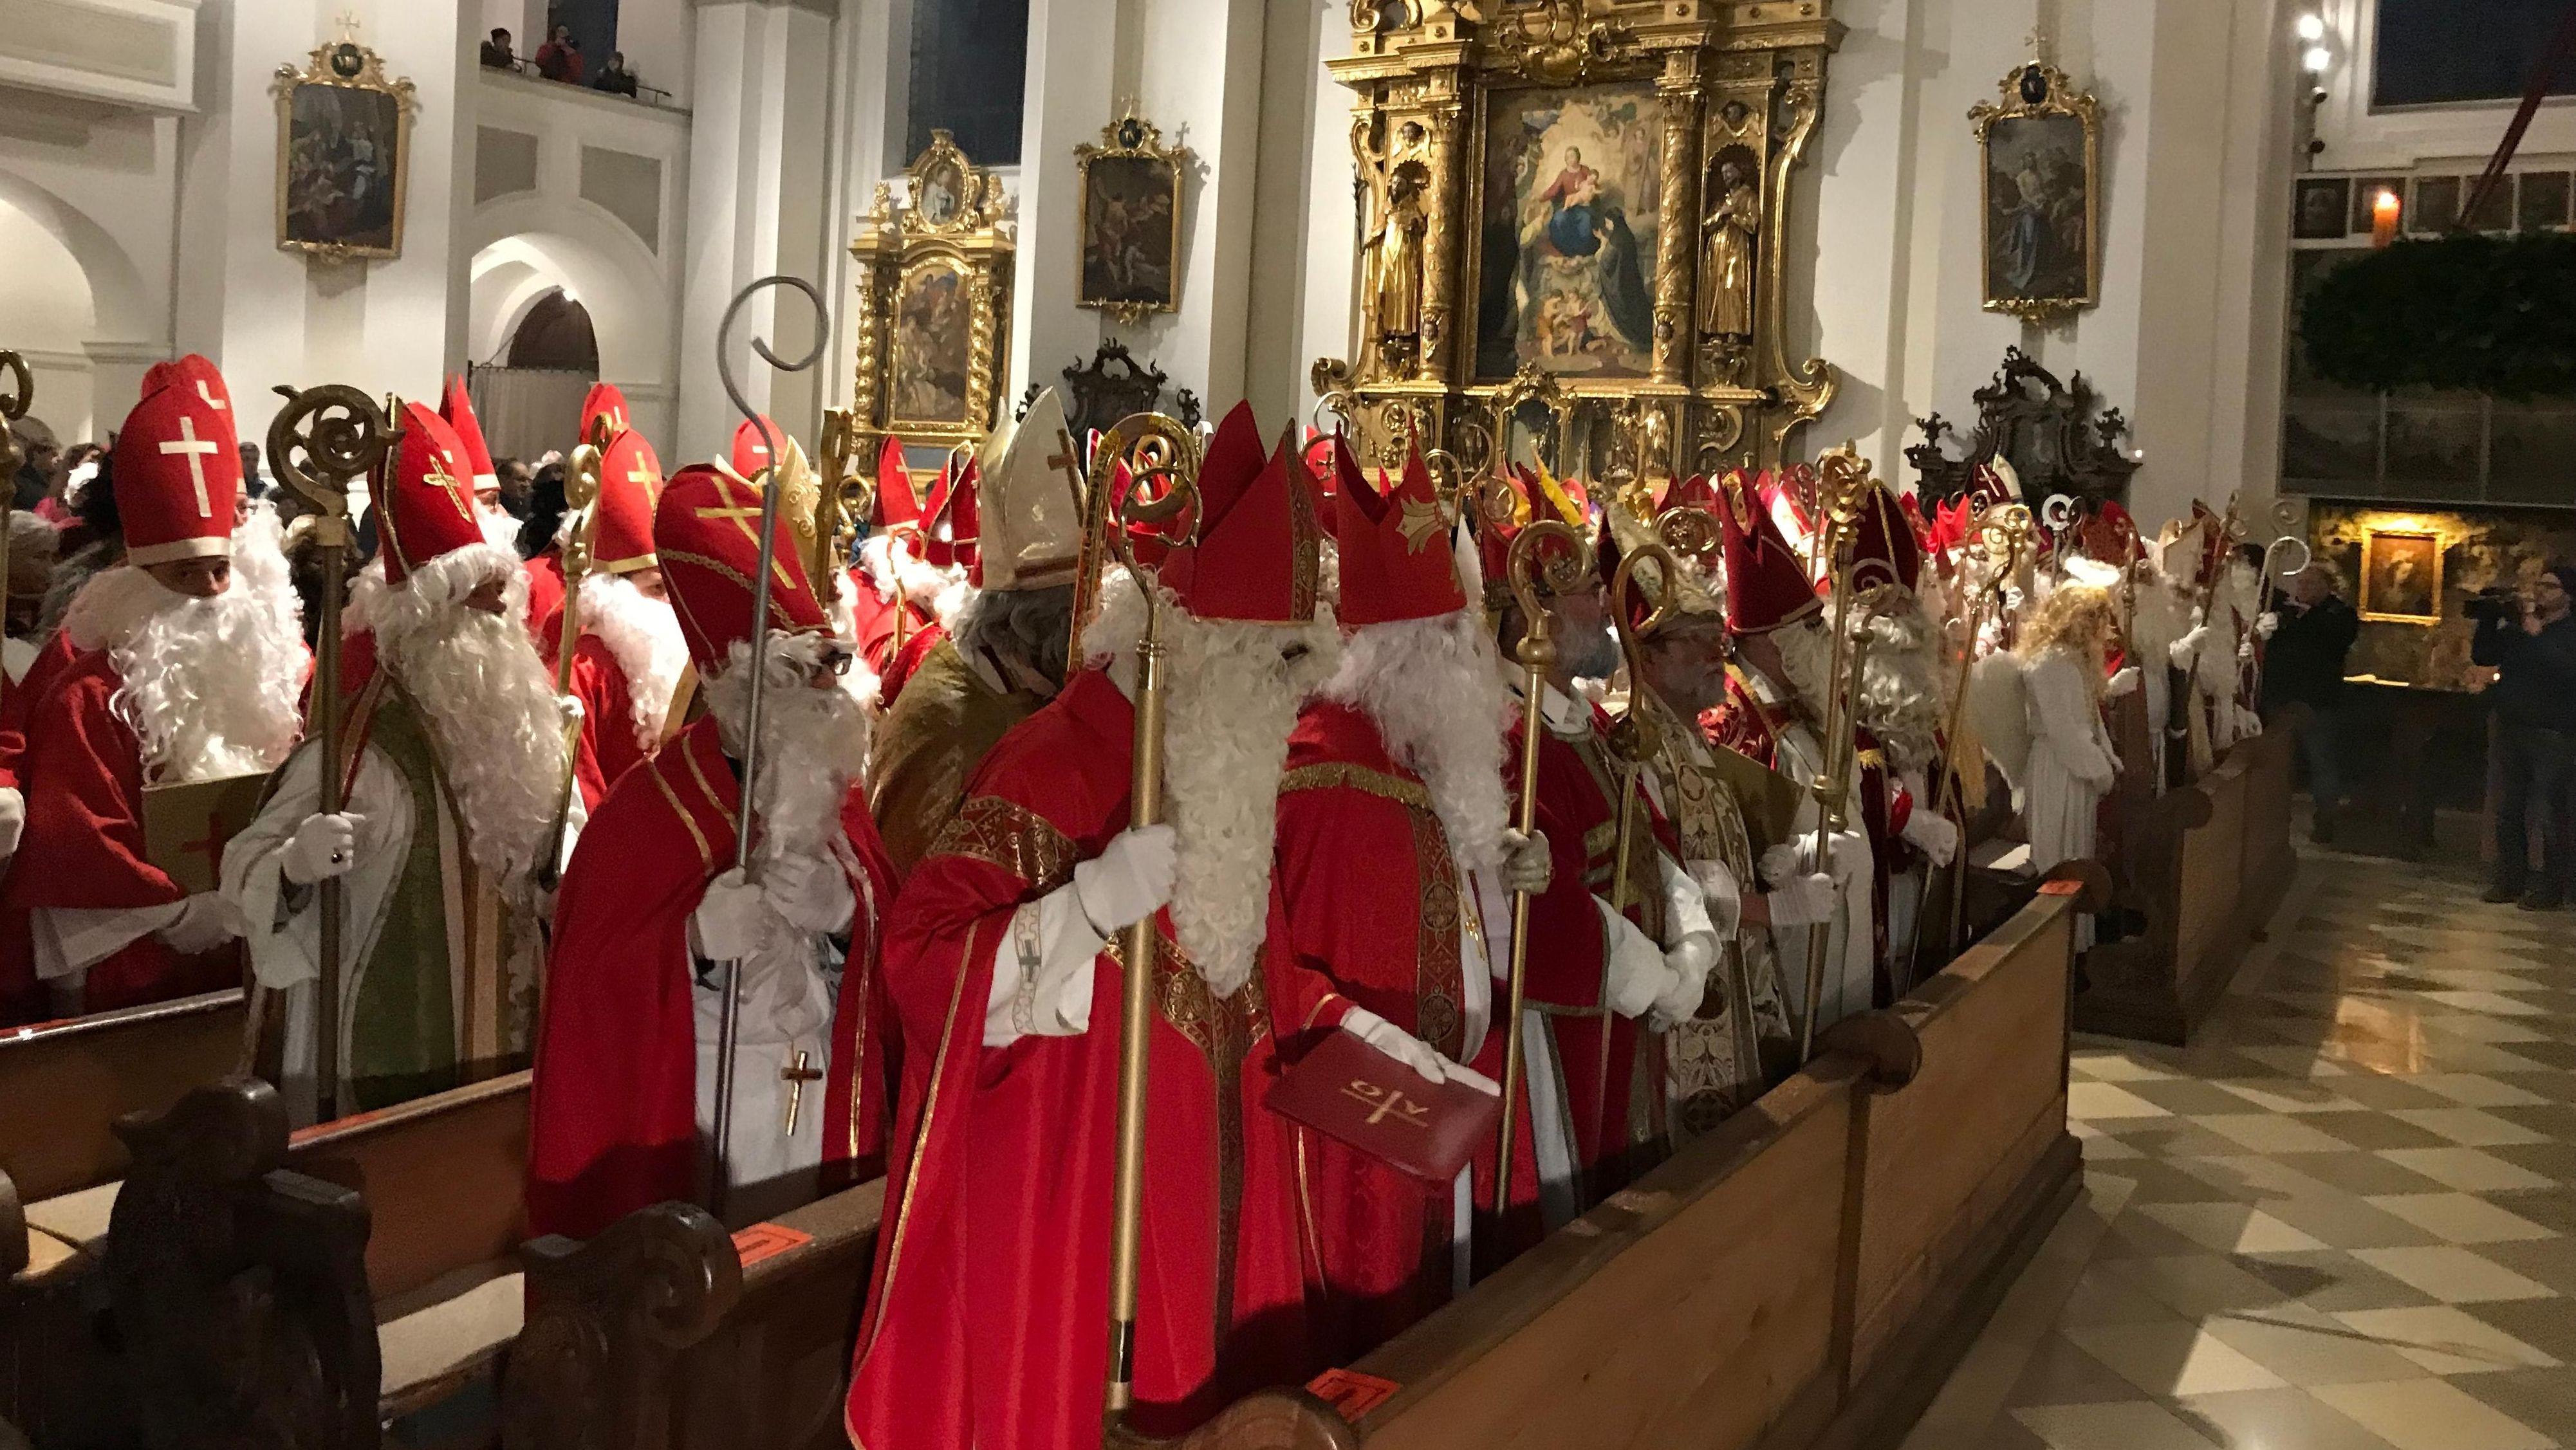 Knapp 100 Nikoläuse, Krampusse, Perchten und Engel in der Murnauer St.-Nikolaus-Kirche